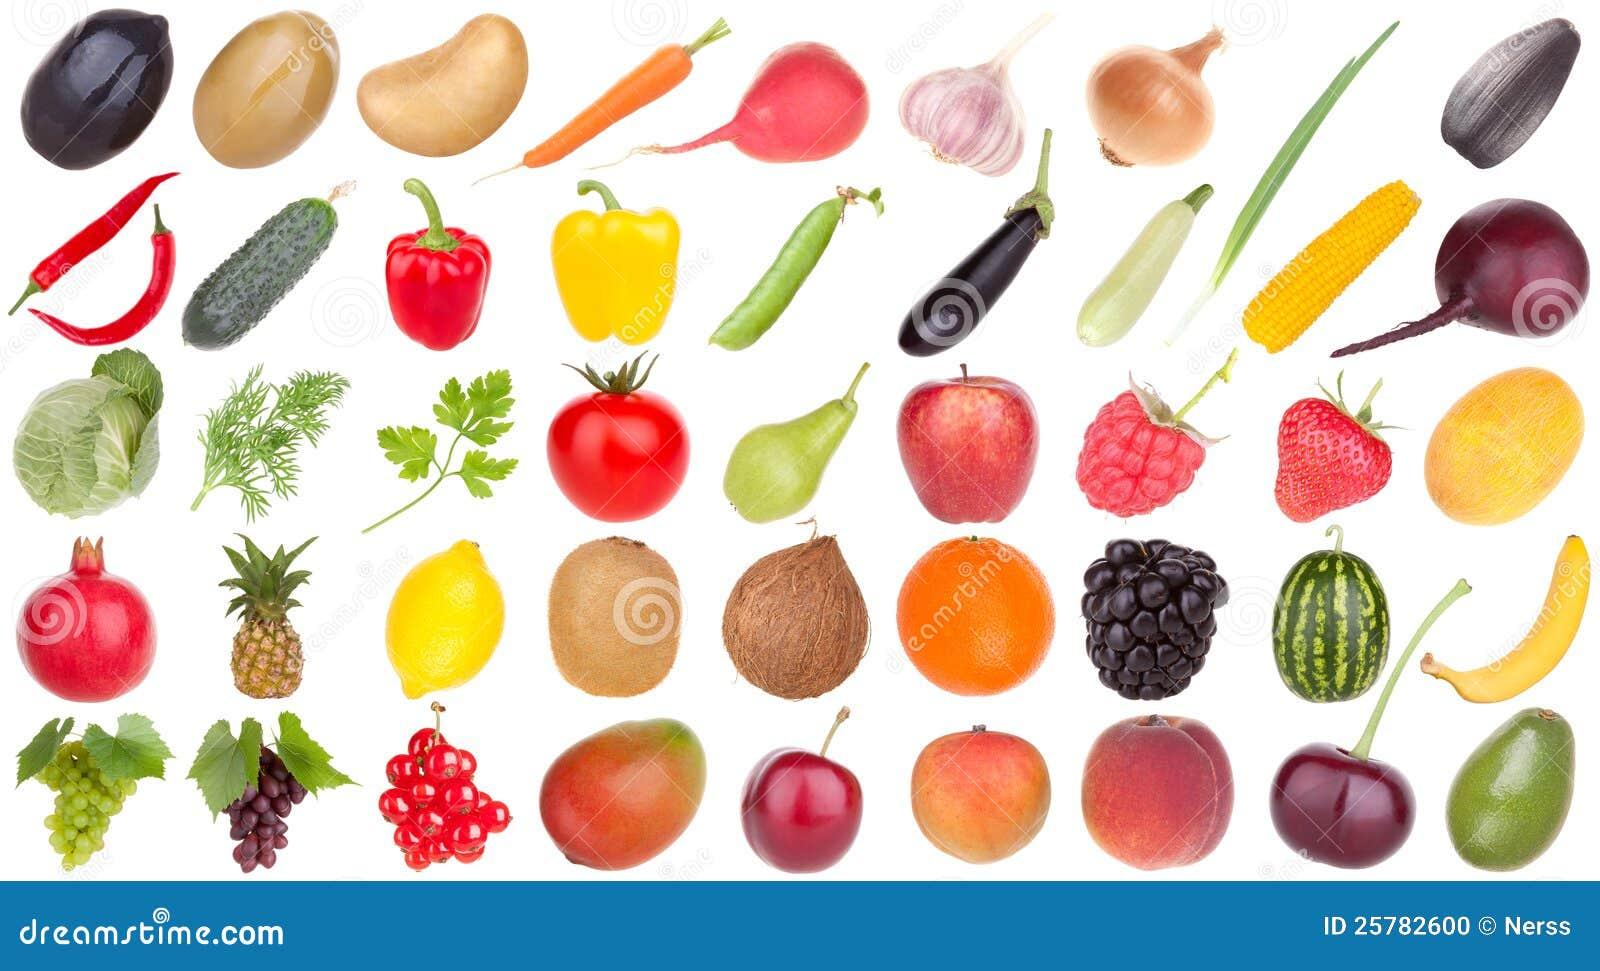 Frukter och grönsakmat